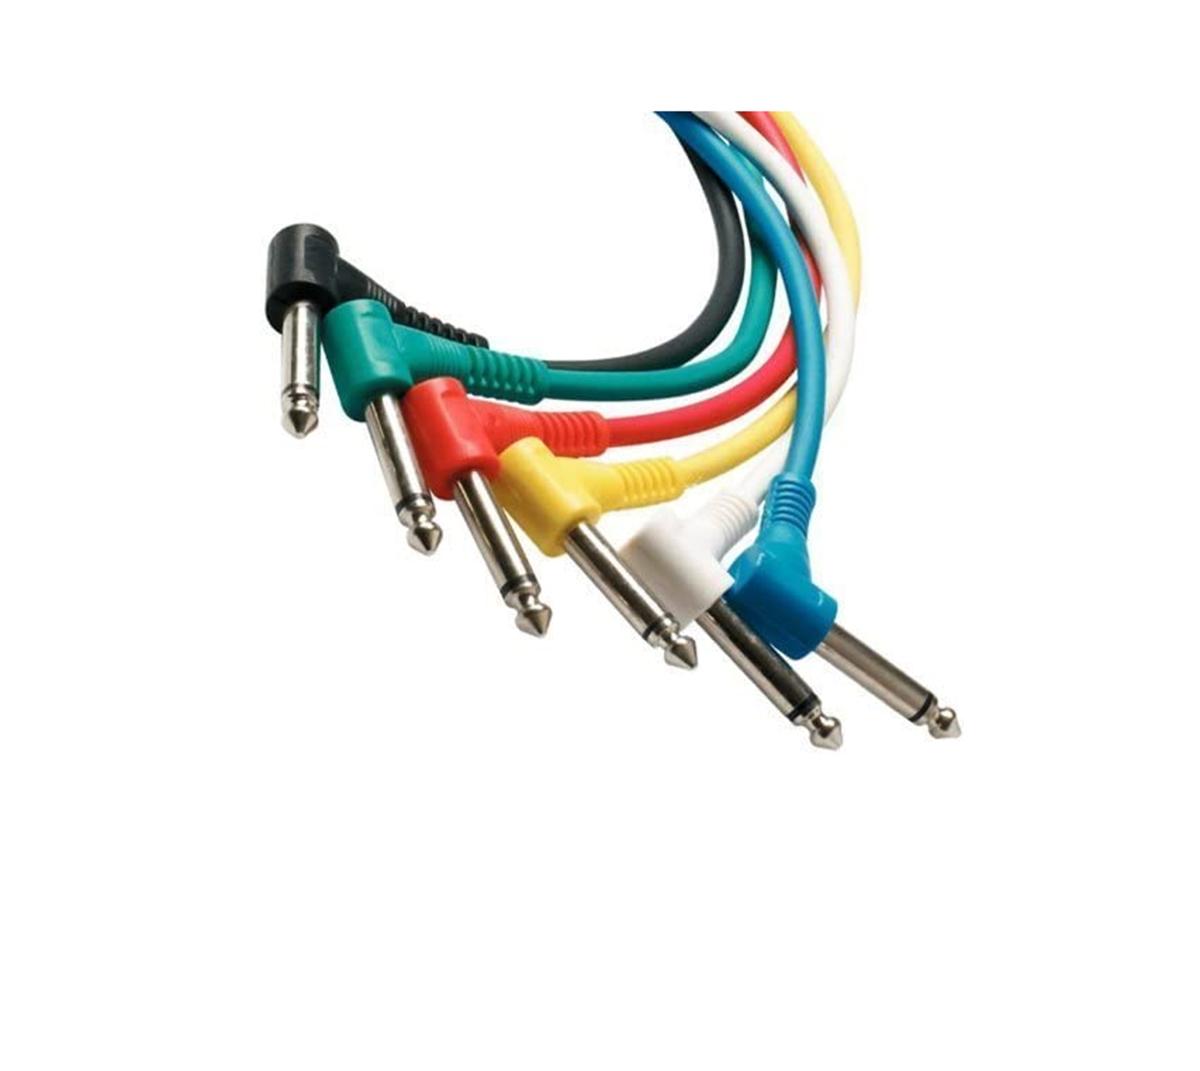 CABO GUITAR PATCH P10 MONO TS ANGULADO DUAL KIT 6 UNIDADES WARWICK ROCKCABLE RCL30011 D5